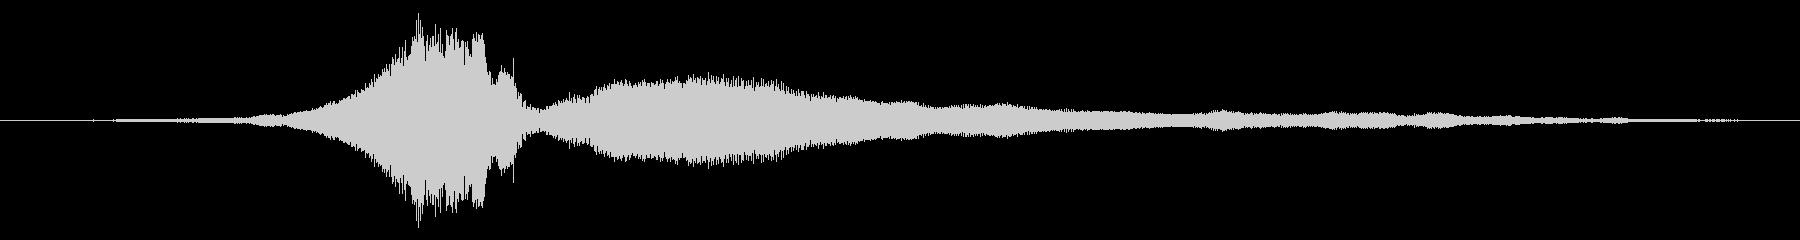 サイドカー:中速でのシングルパスの未再生の波形